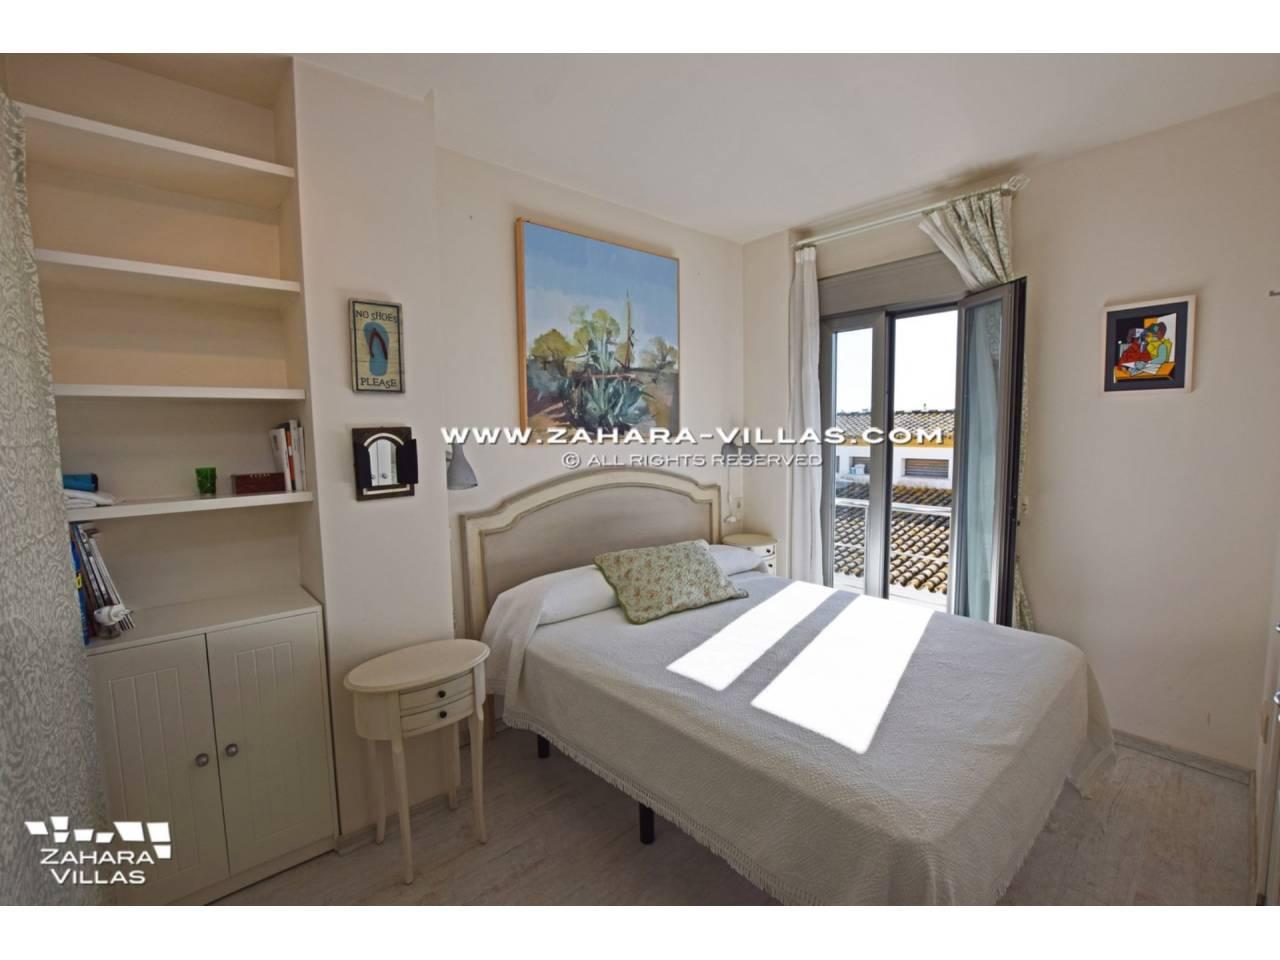 Imagen 17 de House for sale in Zahara de los Atunes